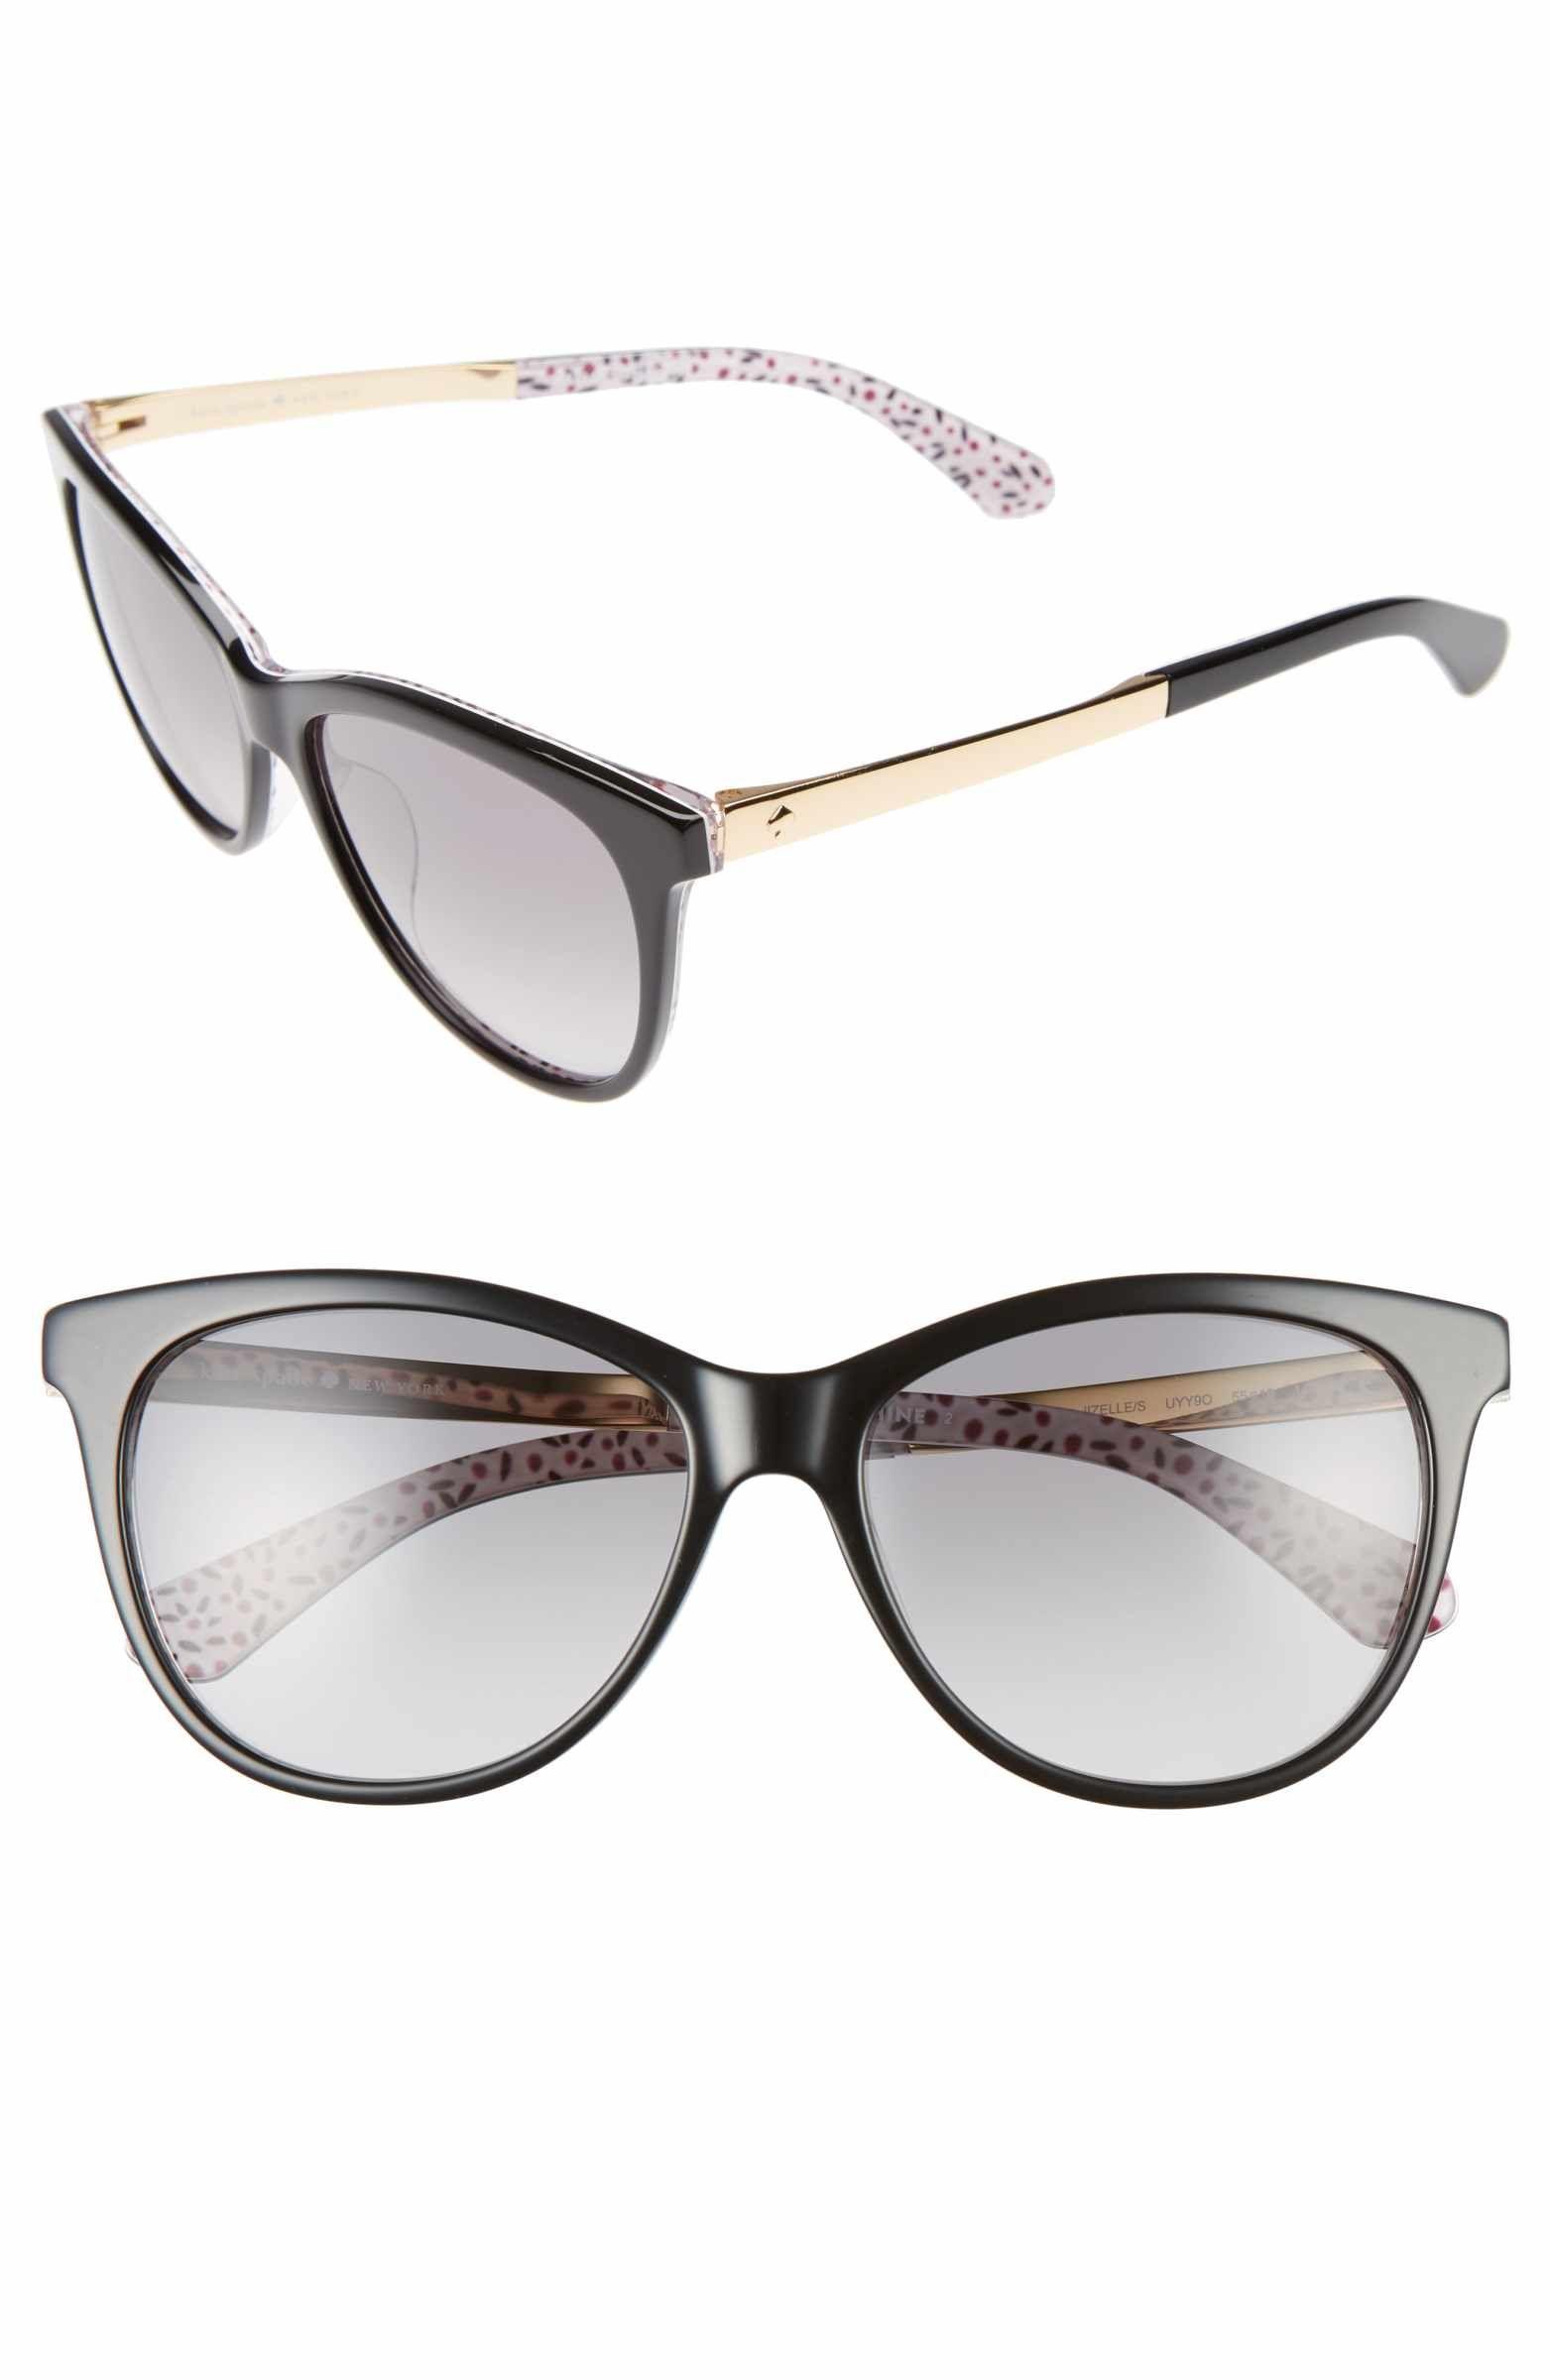 385743790e Main Image - kate spade new york jizelle 55mm Gradient Lenses Cat Eye  Sunglasses